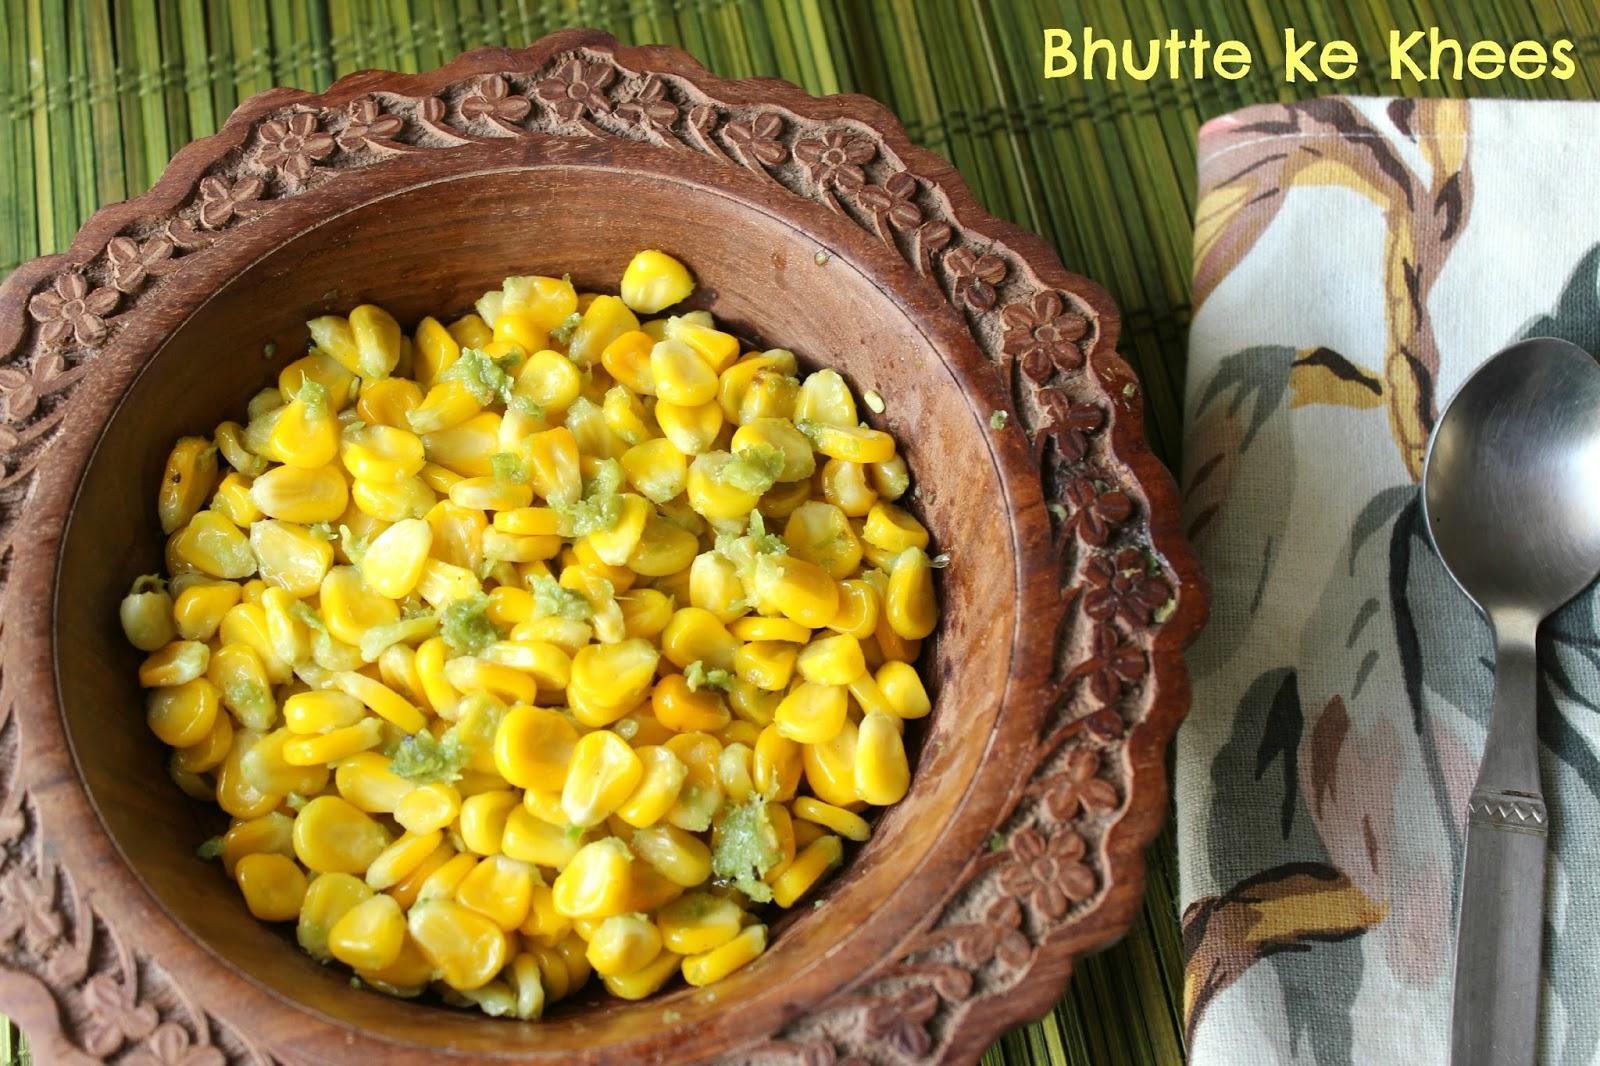 bhutte ke khees